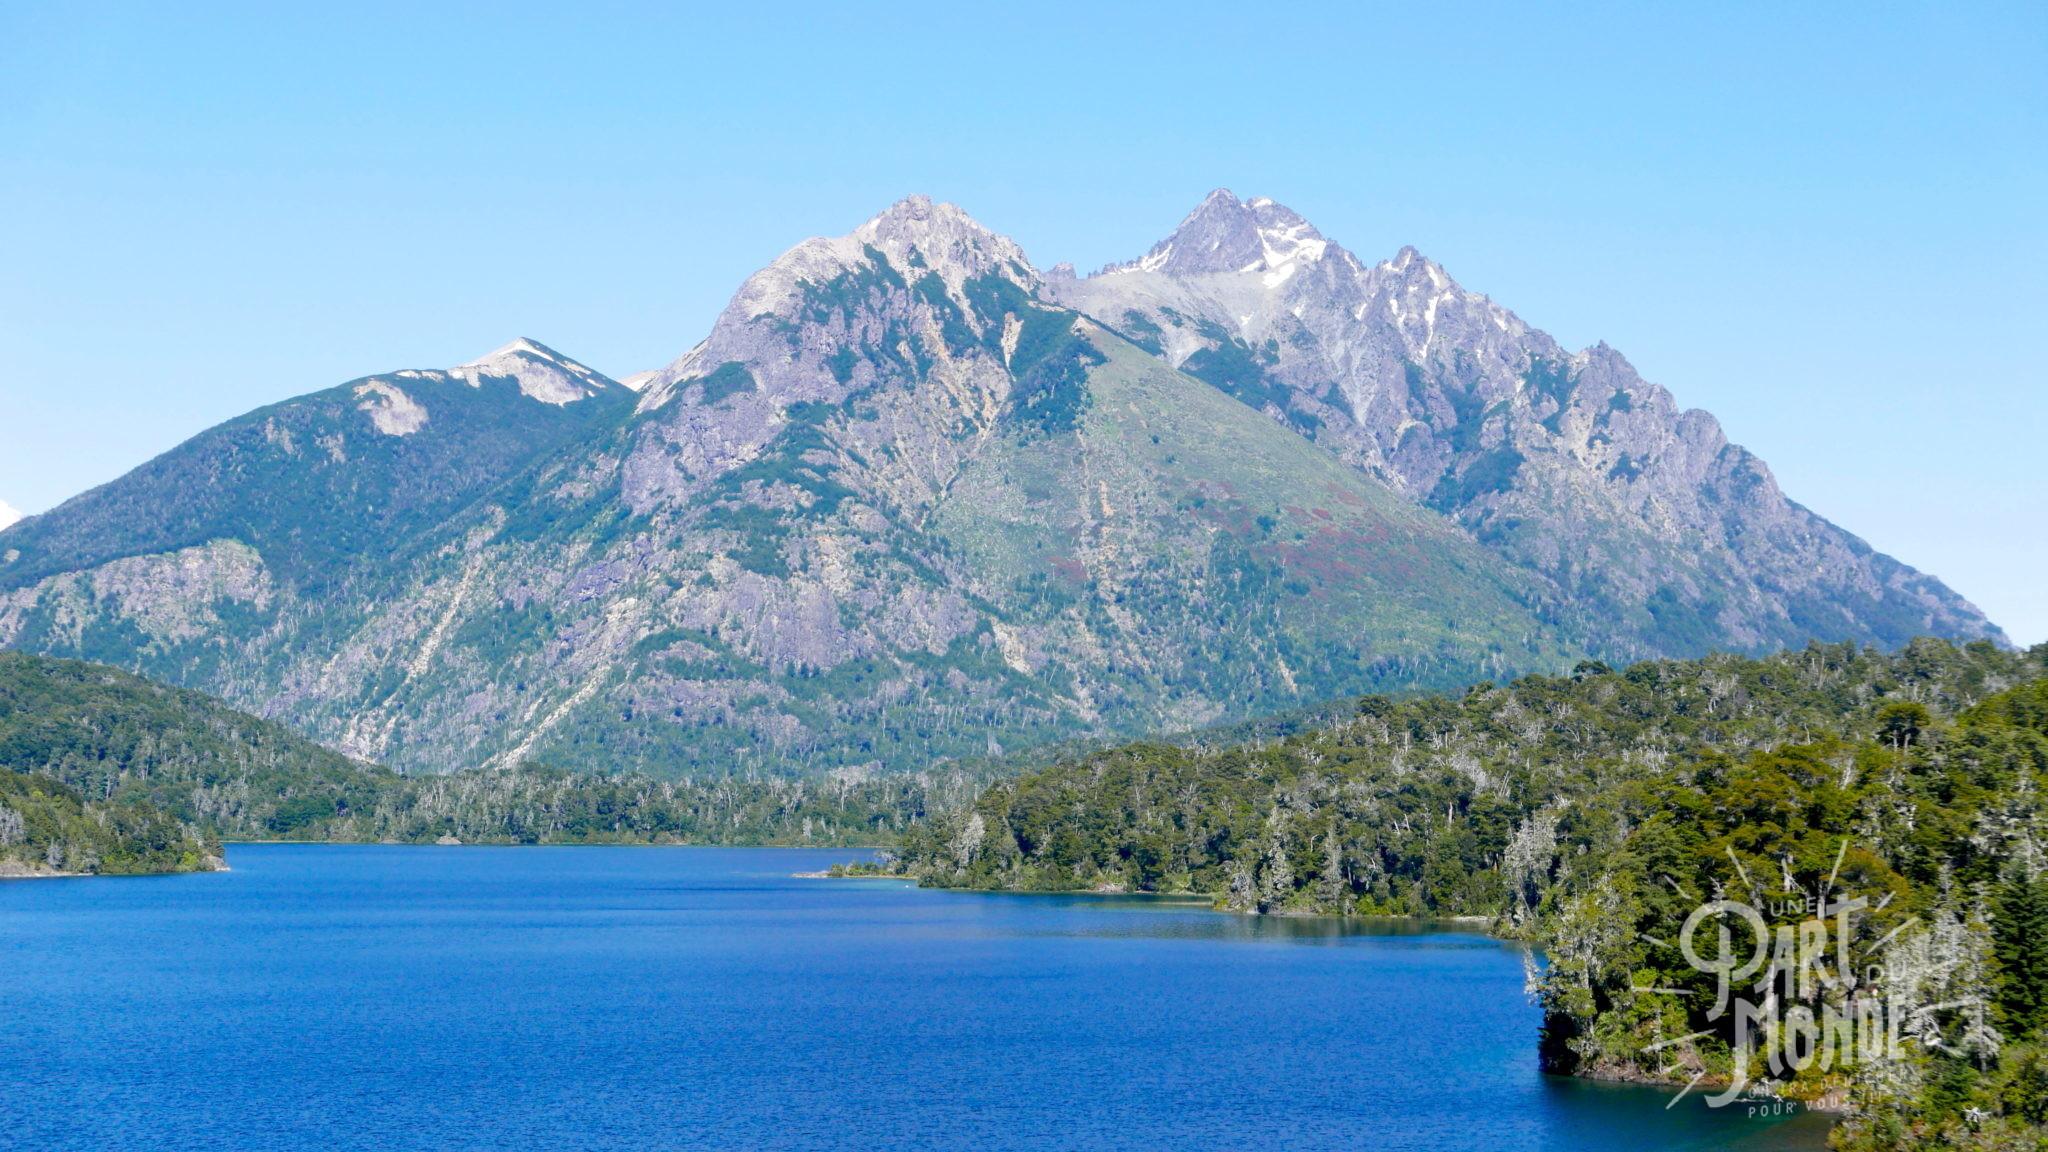 bariloche montagne